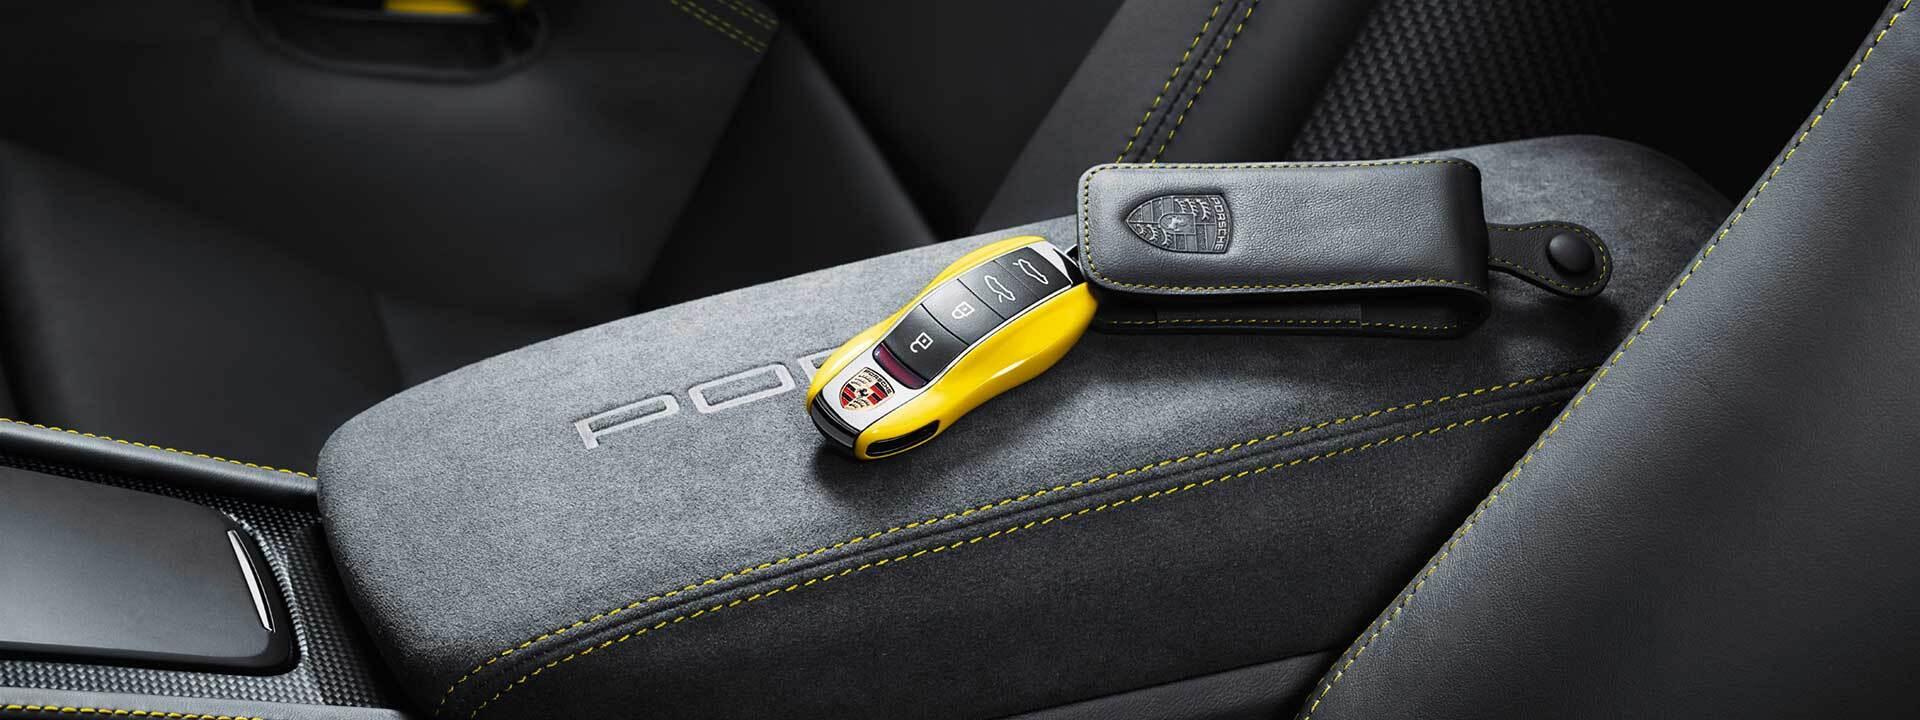 Porsche keys in Highland Park, IL